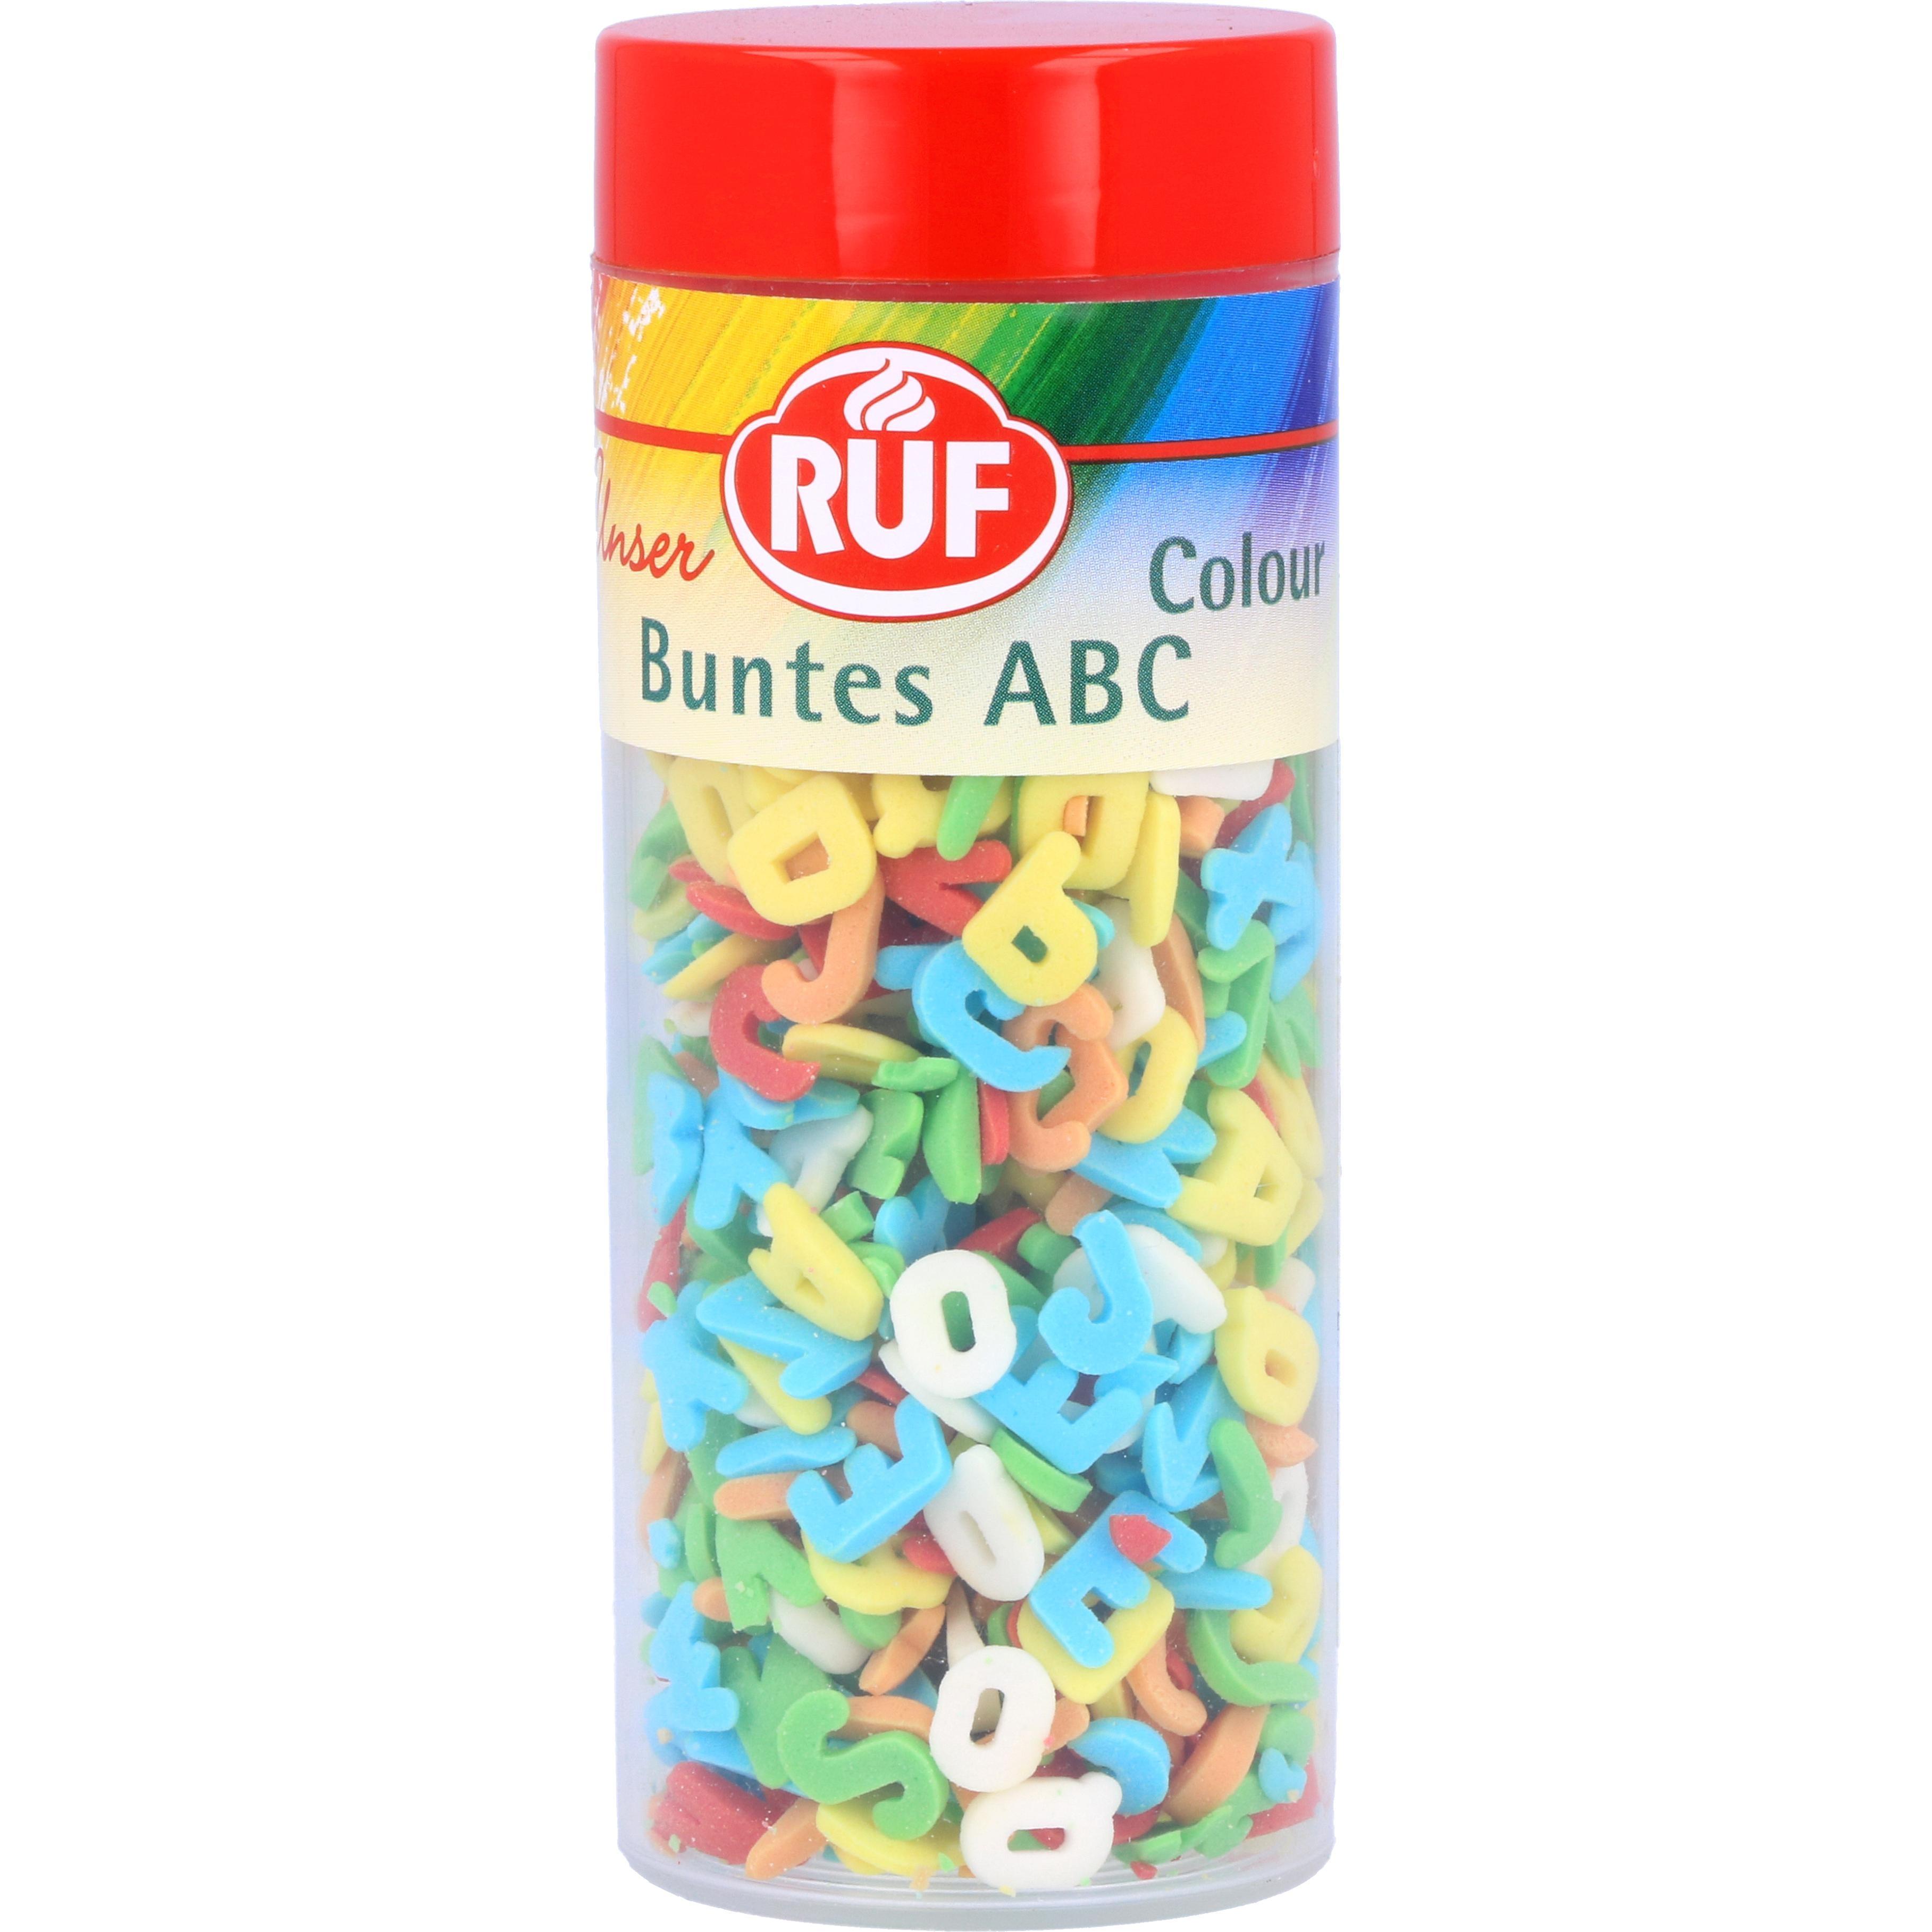 Ruf Buntes ABC 45g